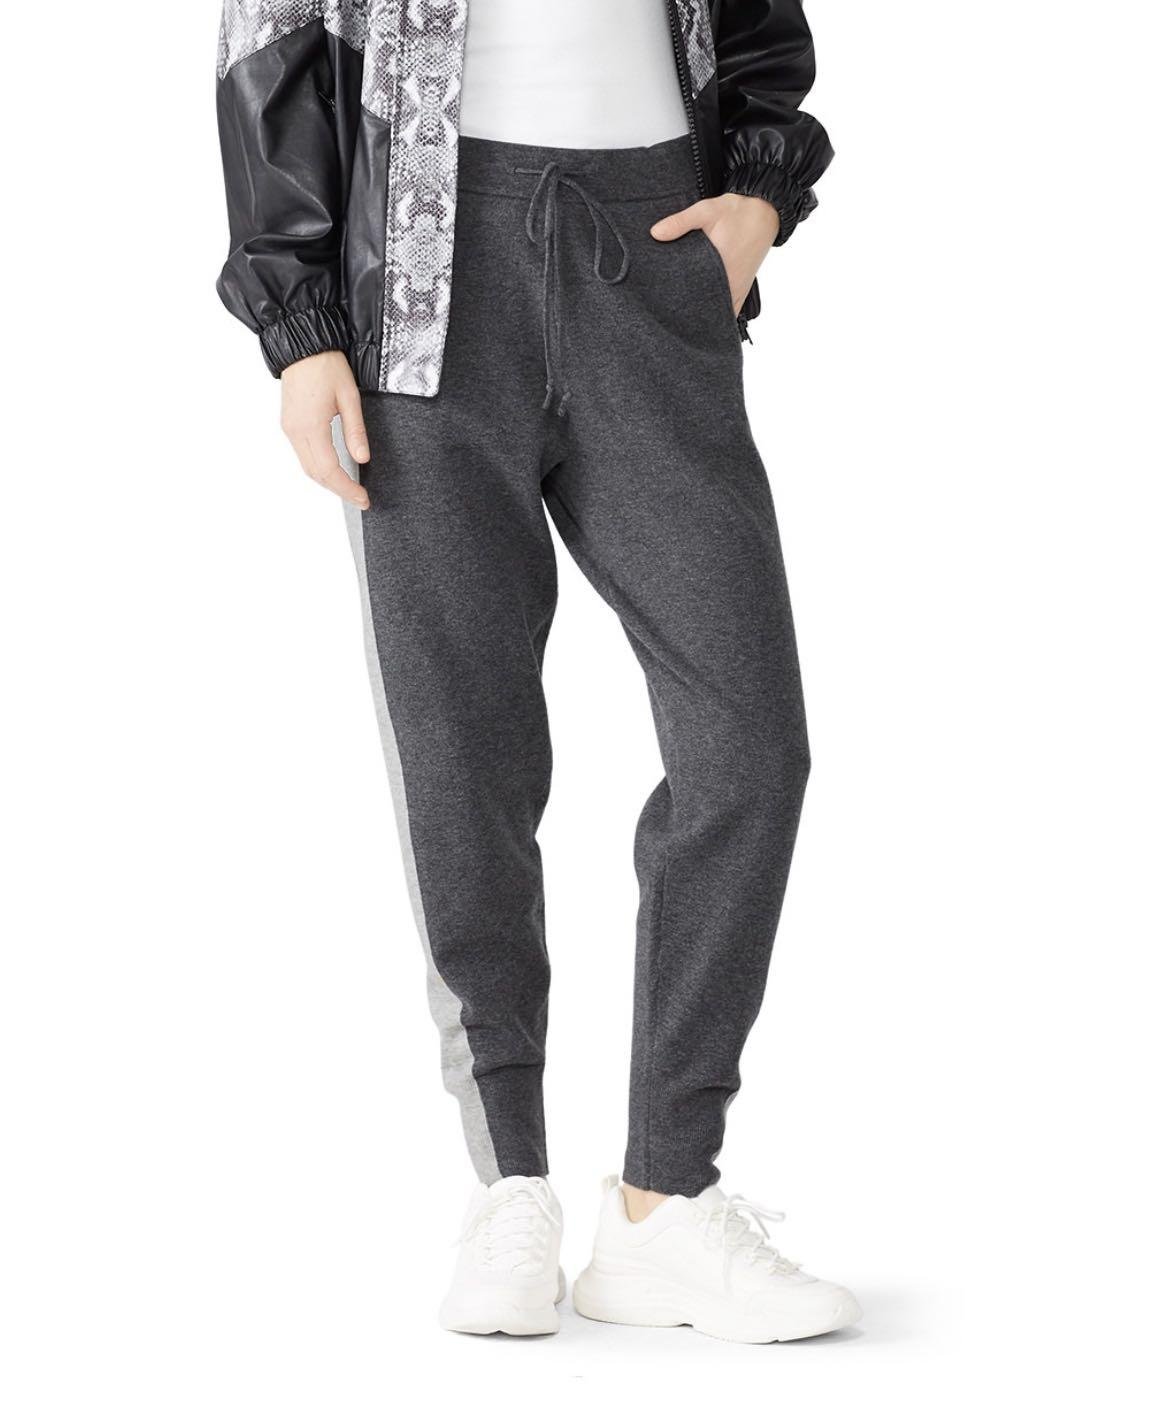 Derek Lam 10 Crosby Wool Joggers Size XS